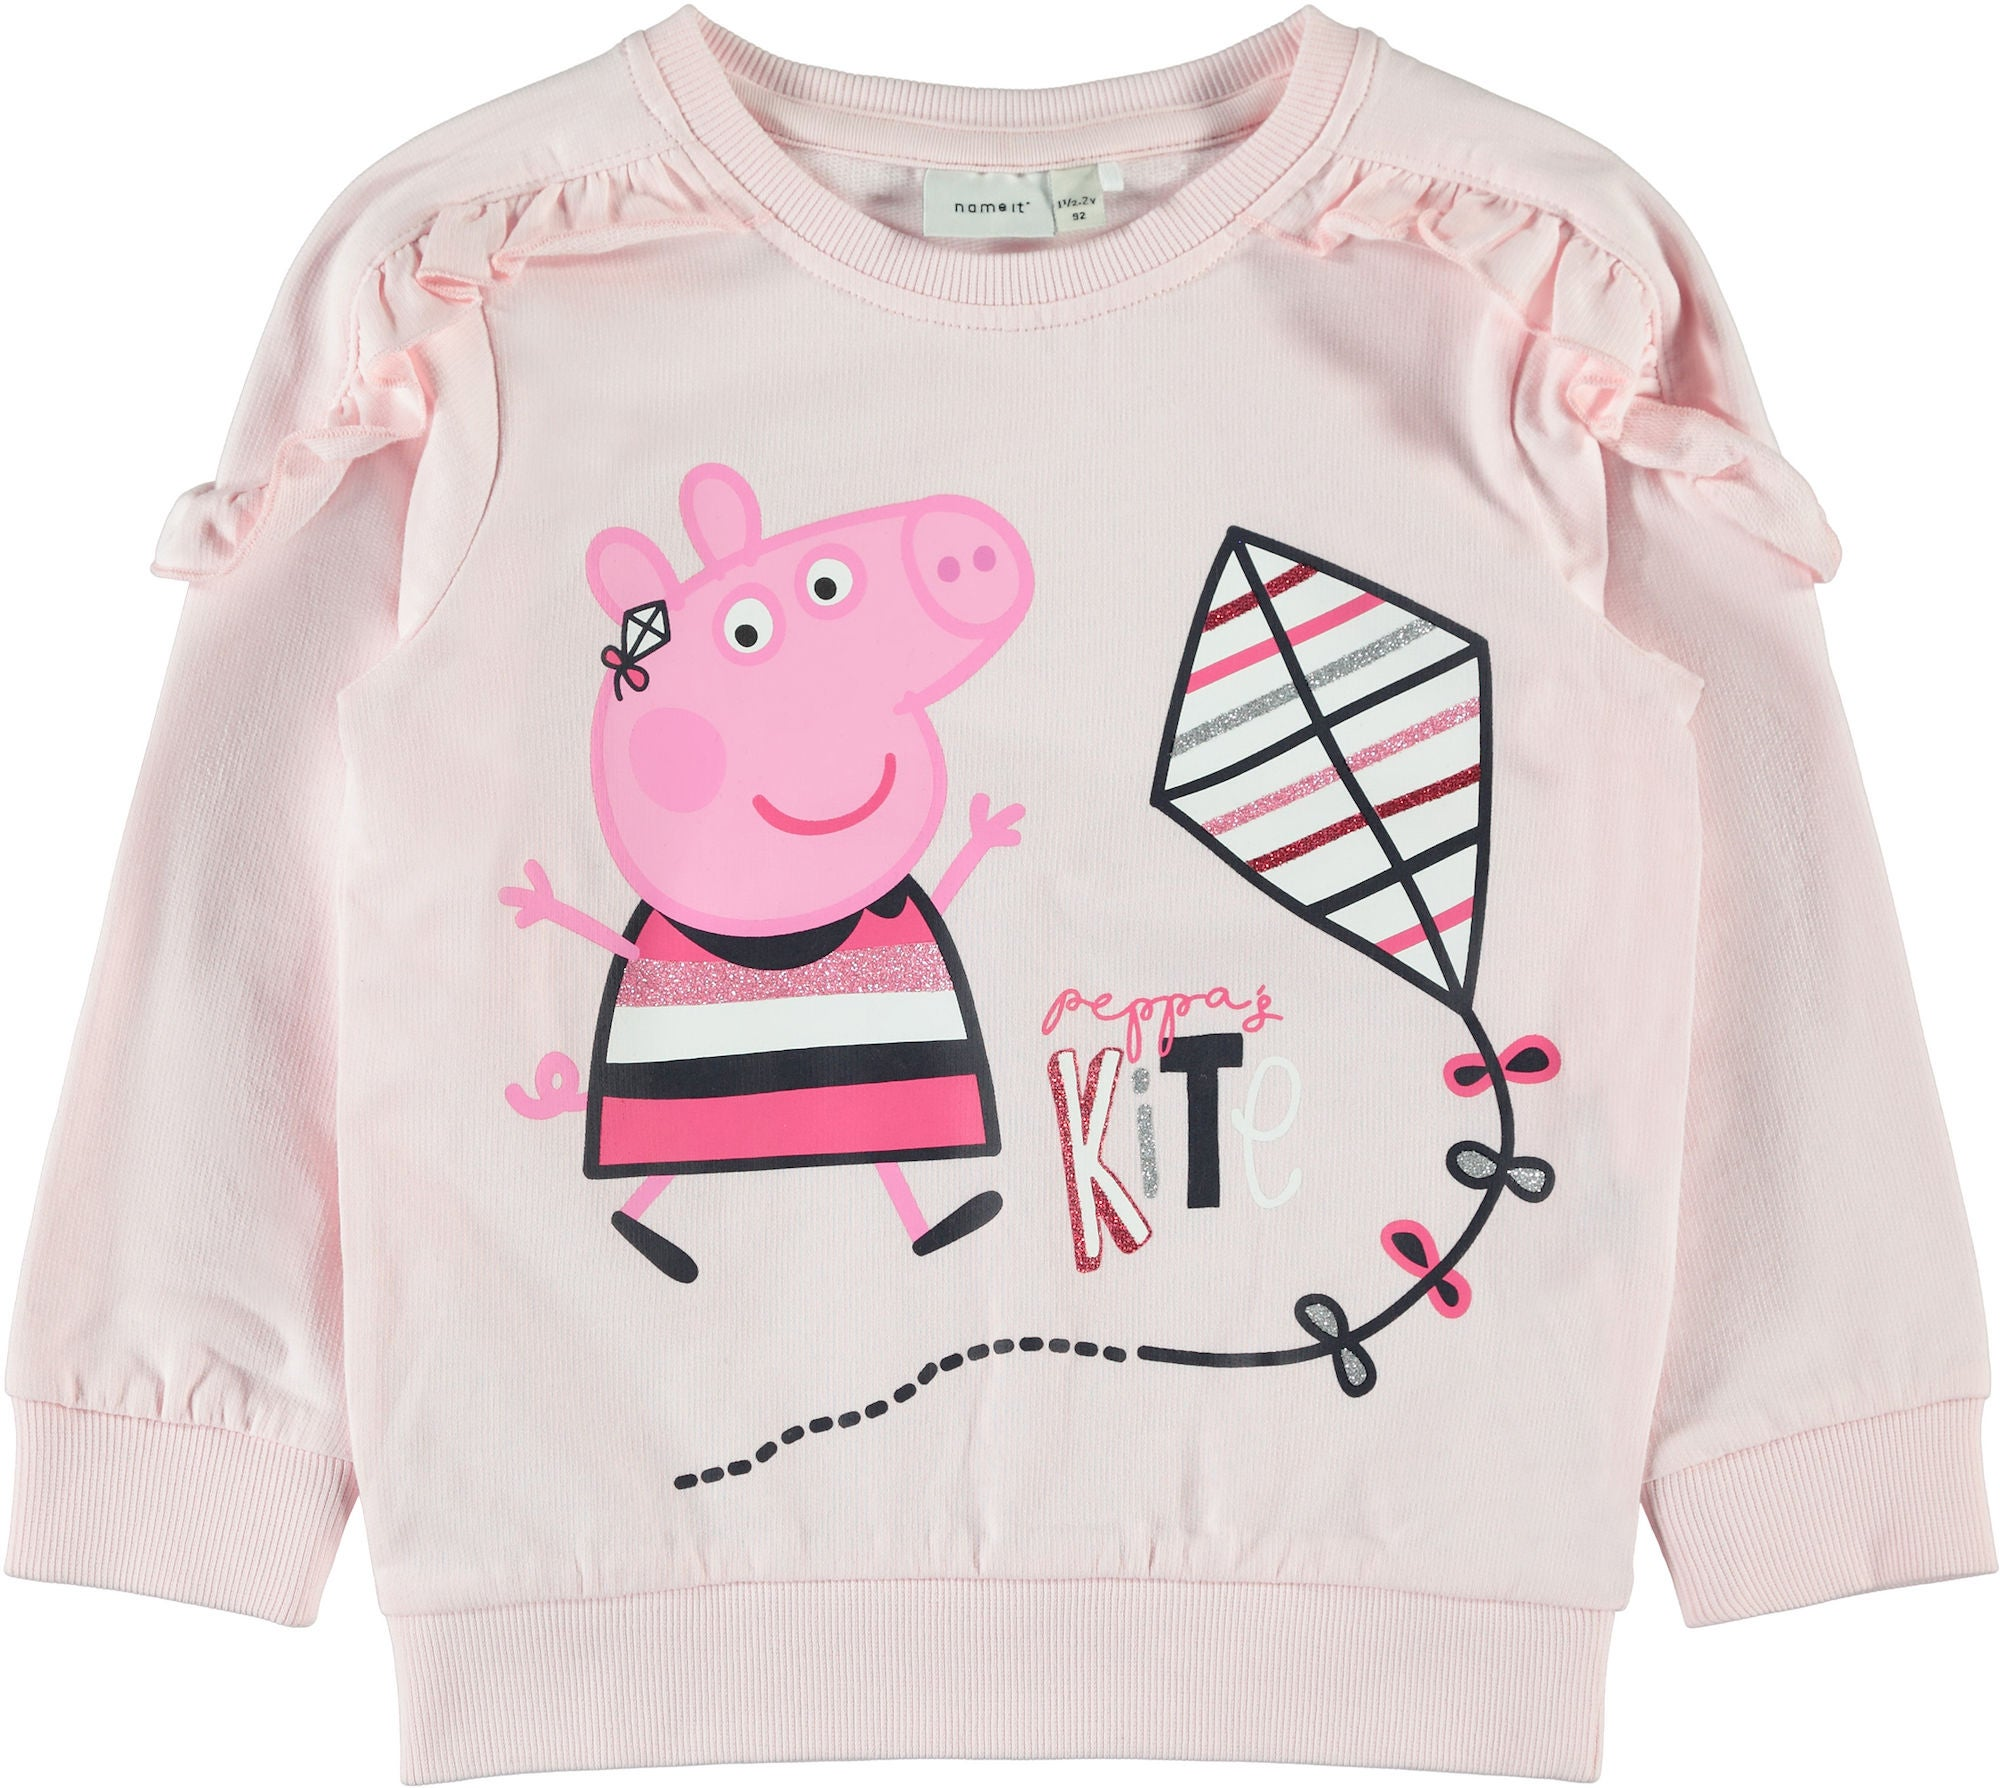 104151d6639 Name it | Børnetøj, Fodboldtøj til børn | Jollyroom